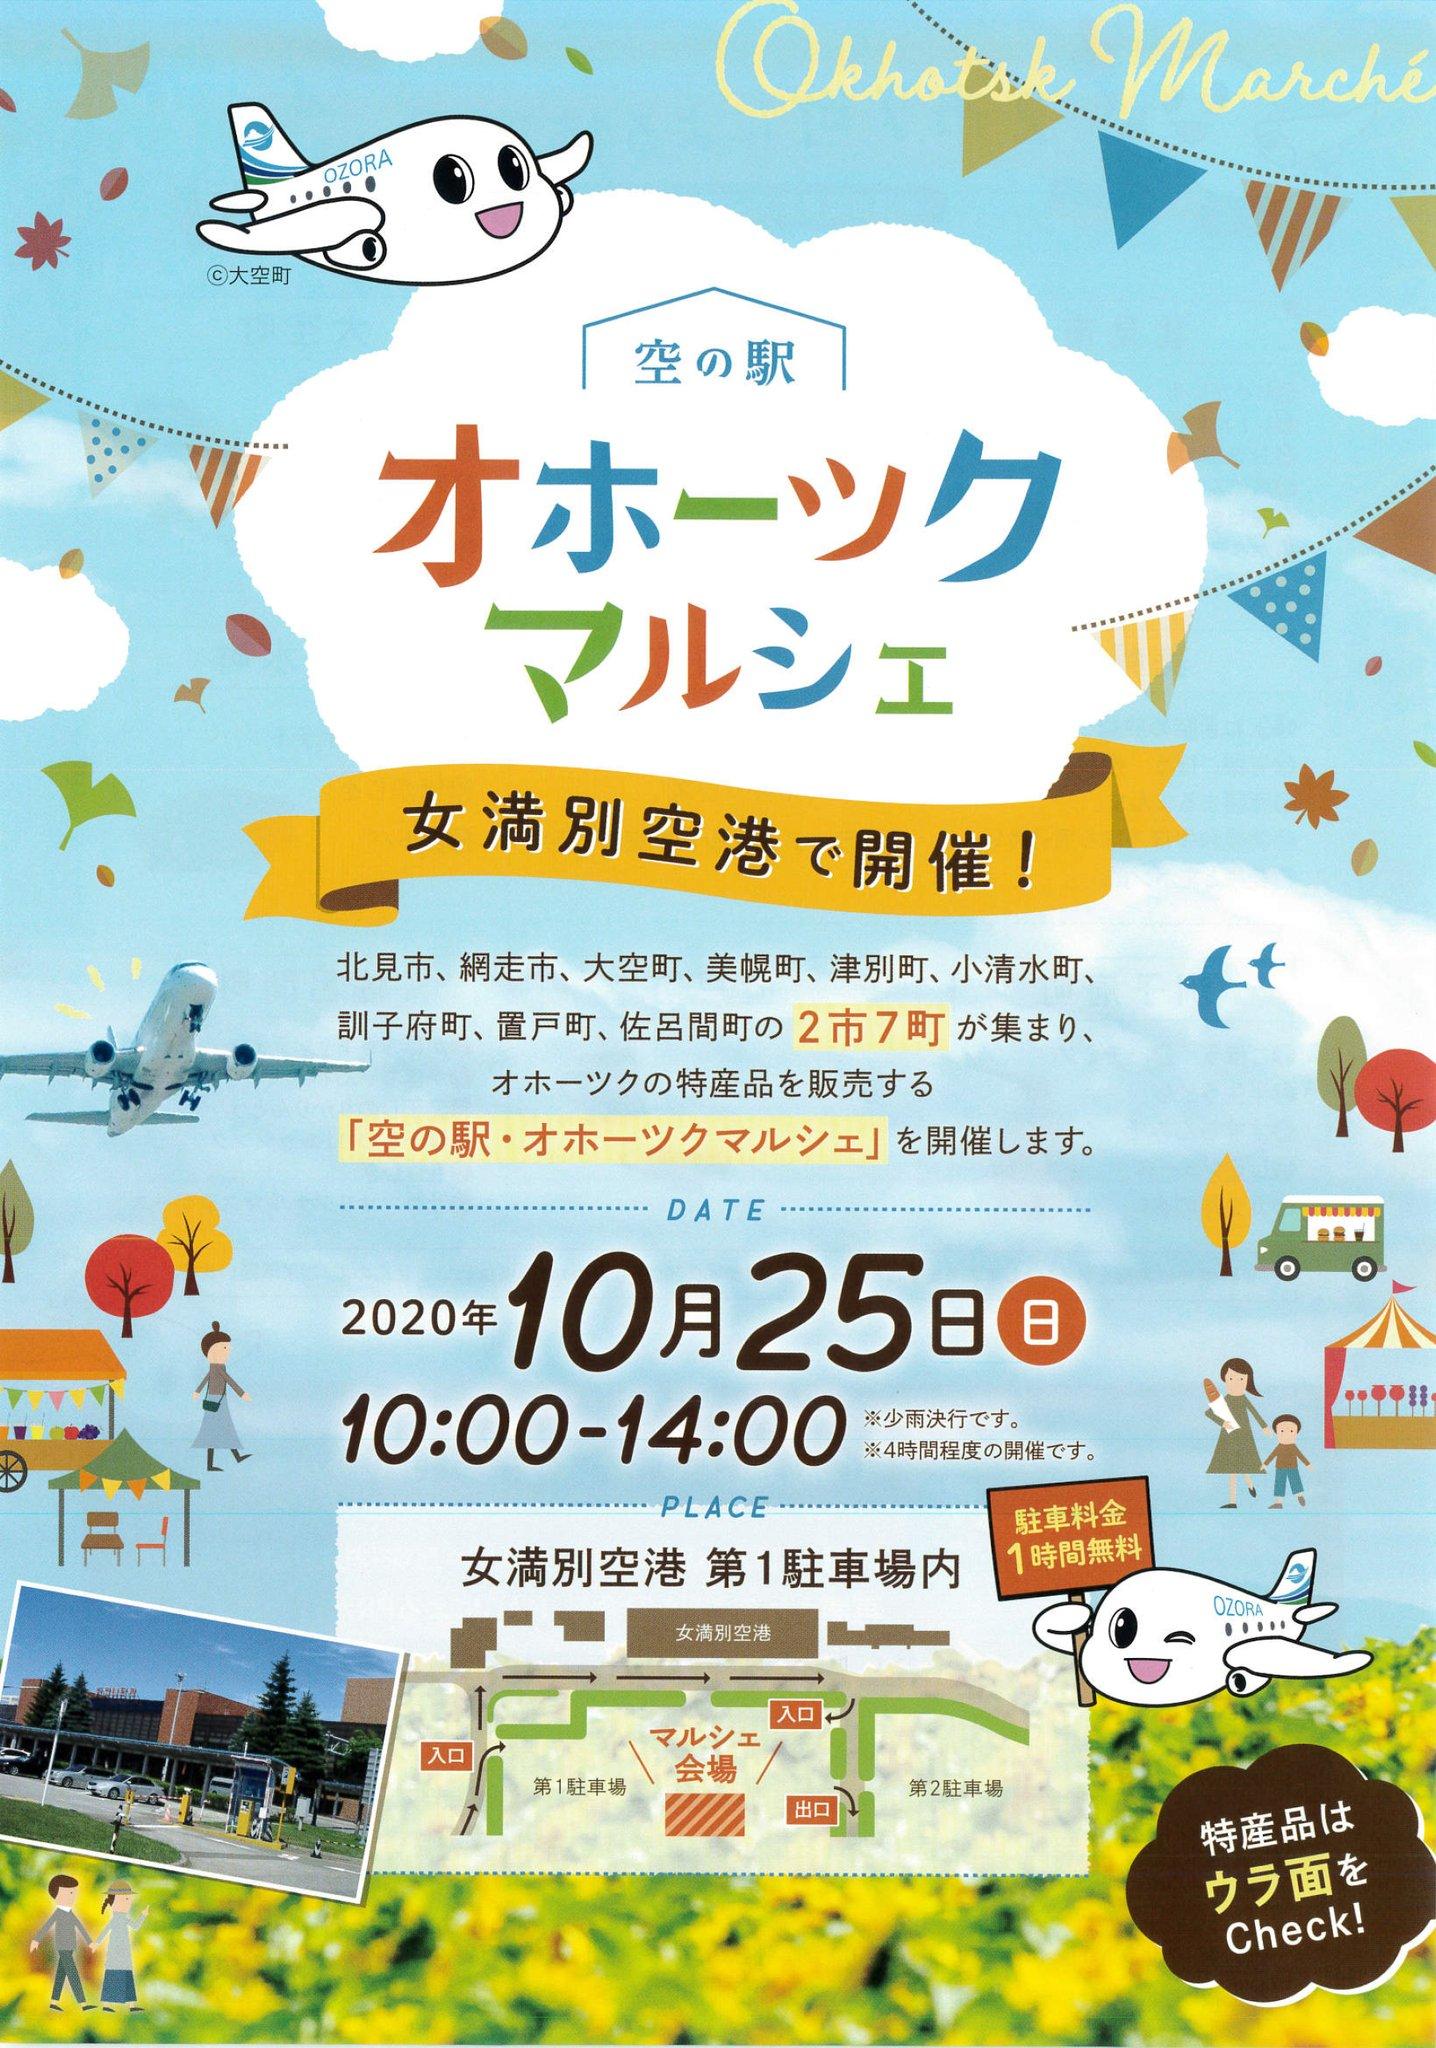 【イベント情報】空の駅・オホーツクマルシェに出店します!